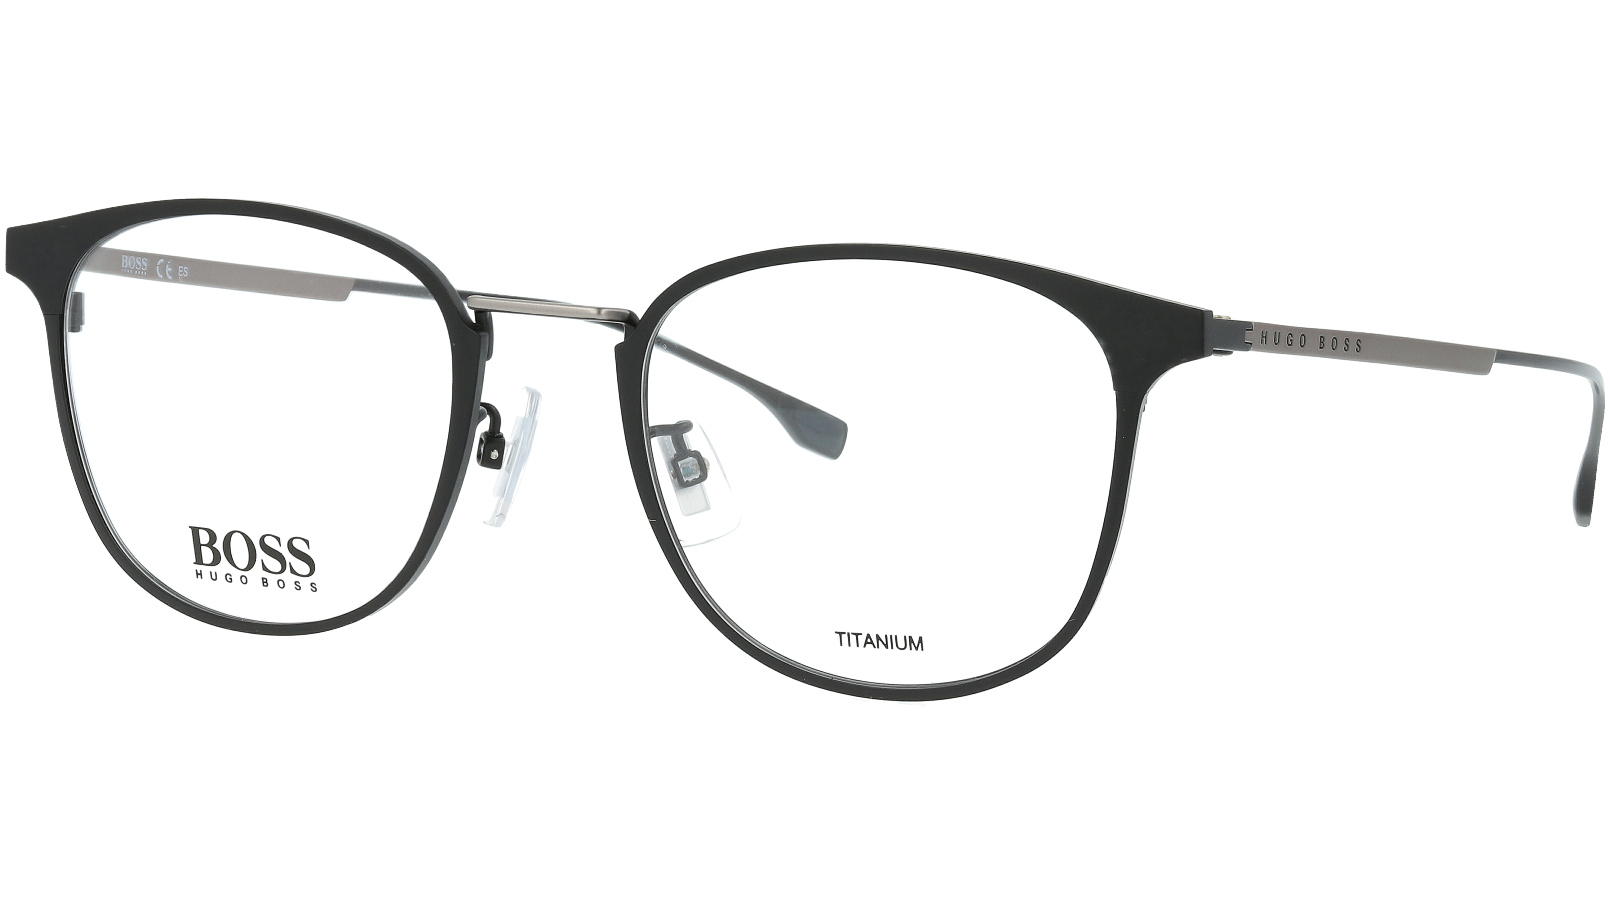 HUGO BOSS BOSS1030/F O6W 52 BLACK Glasses